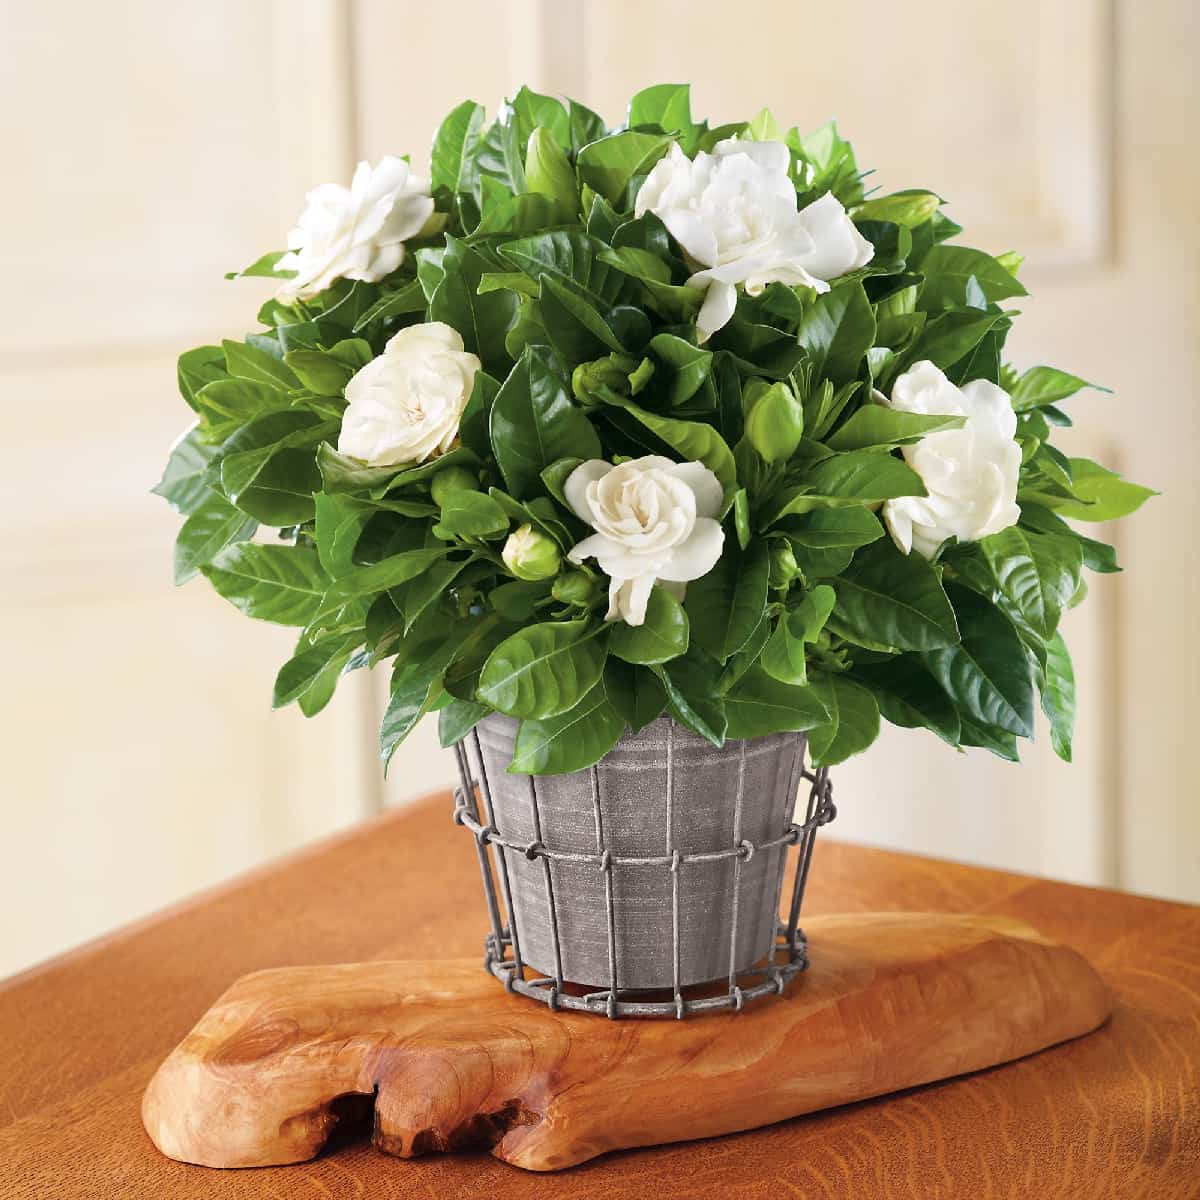 plantas de interior ideales para decorar tu hogar durante todo el ano 4